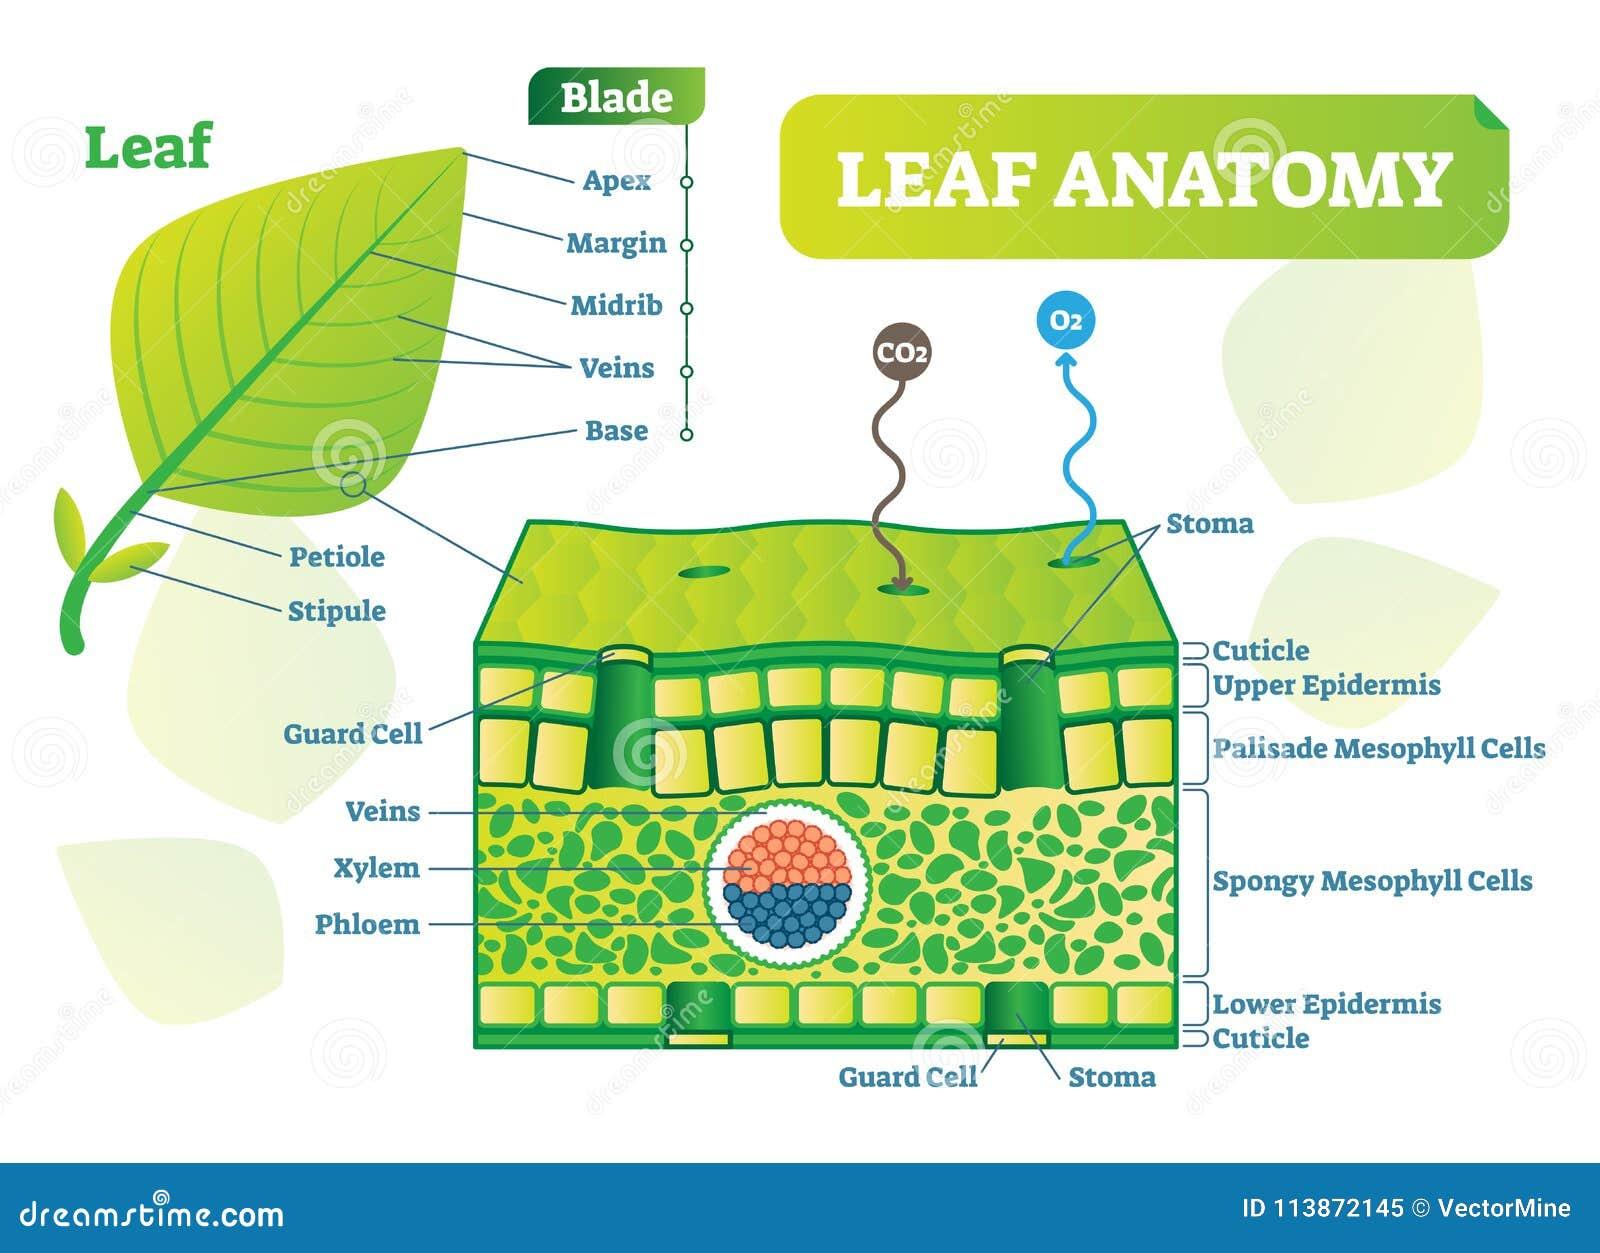 Excelente Anatomía Diagrama Hembra Componente - Imágenes de Anatomía ...